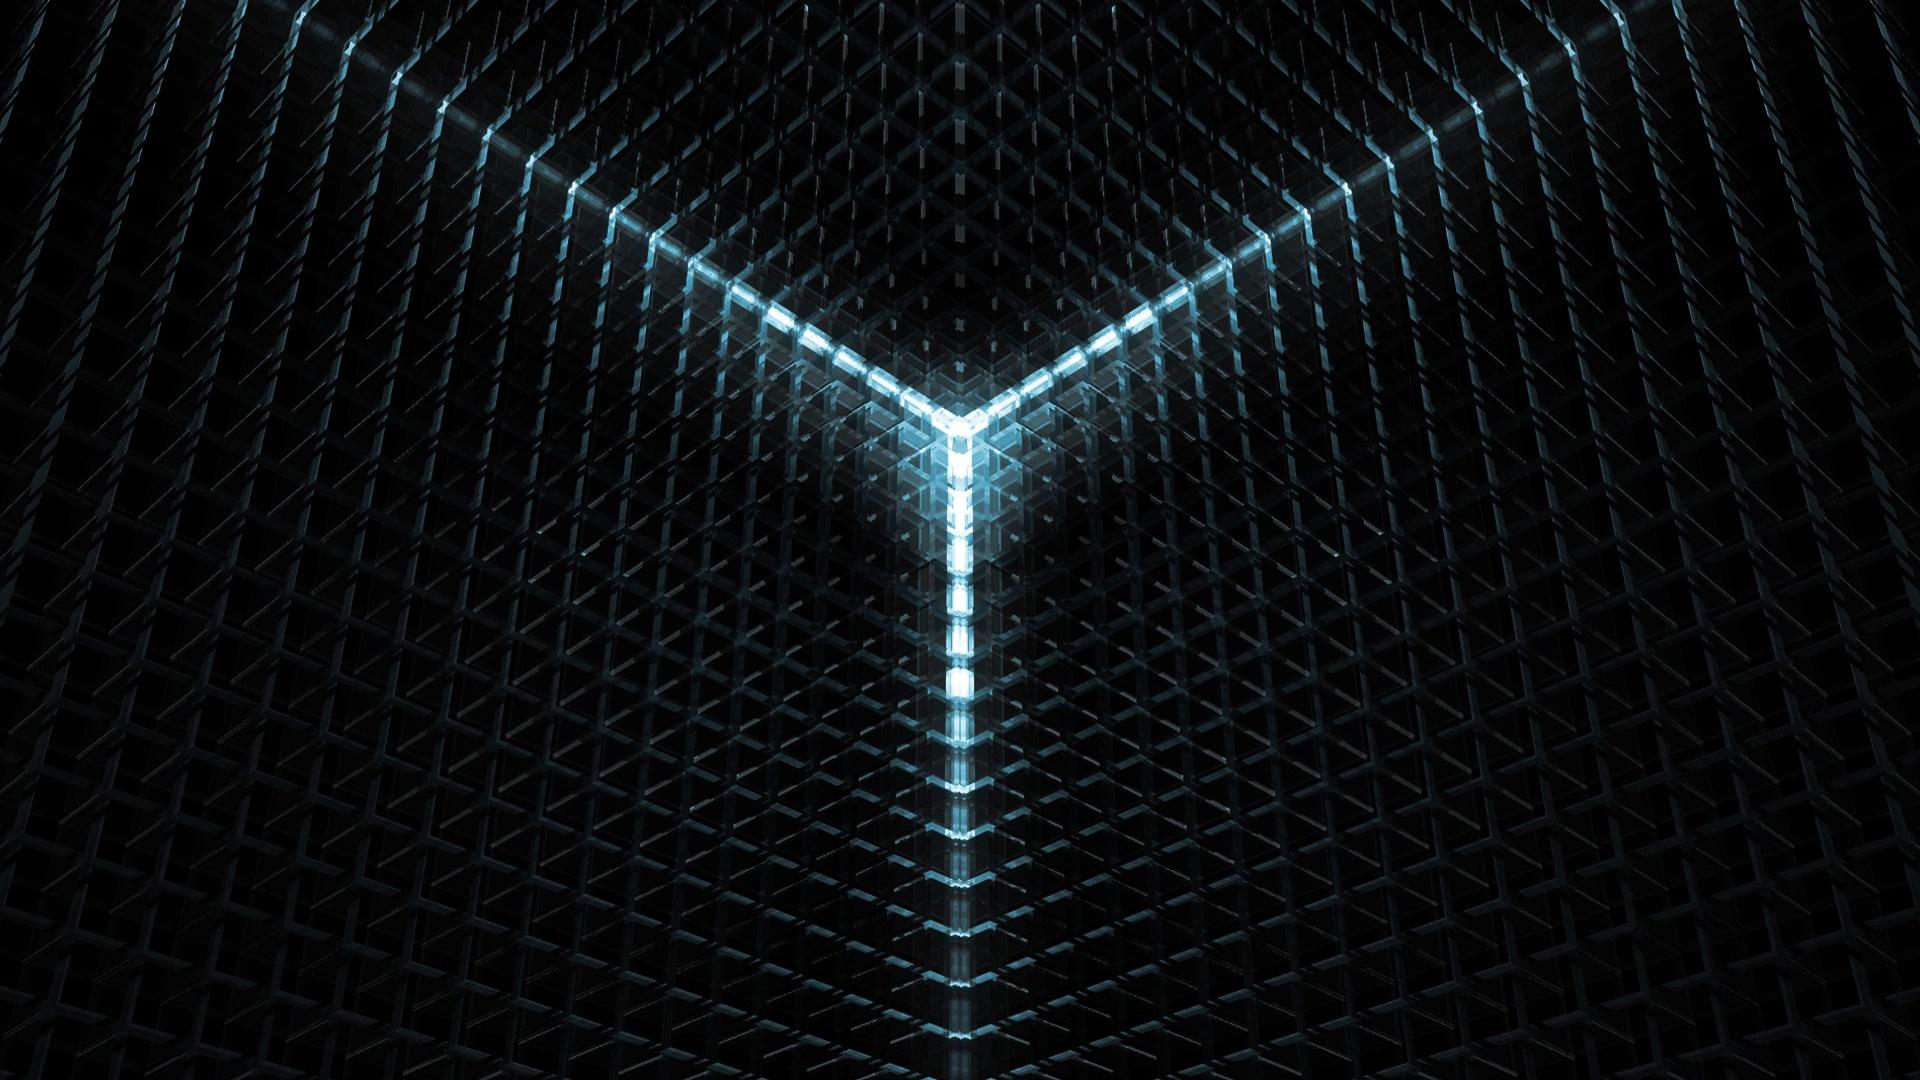 Psychedelic Wallpaper 1080p Wallpapersafari